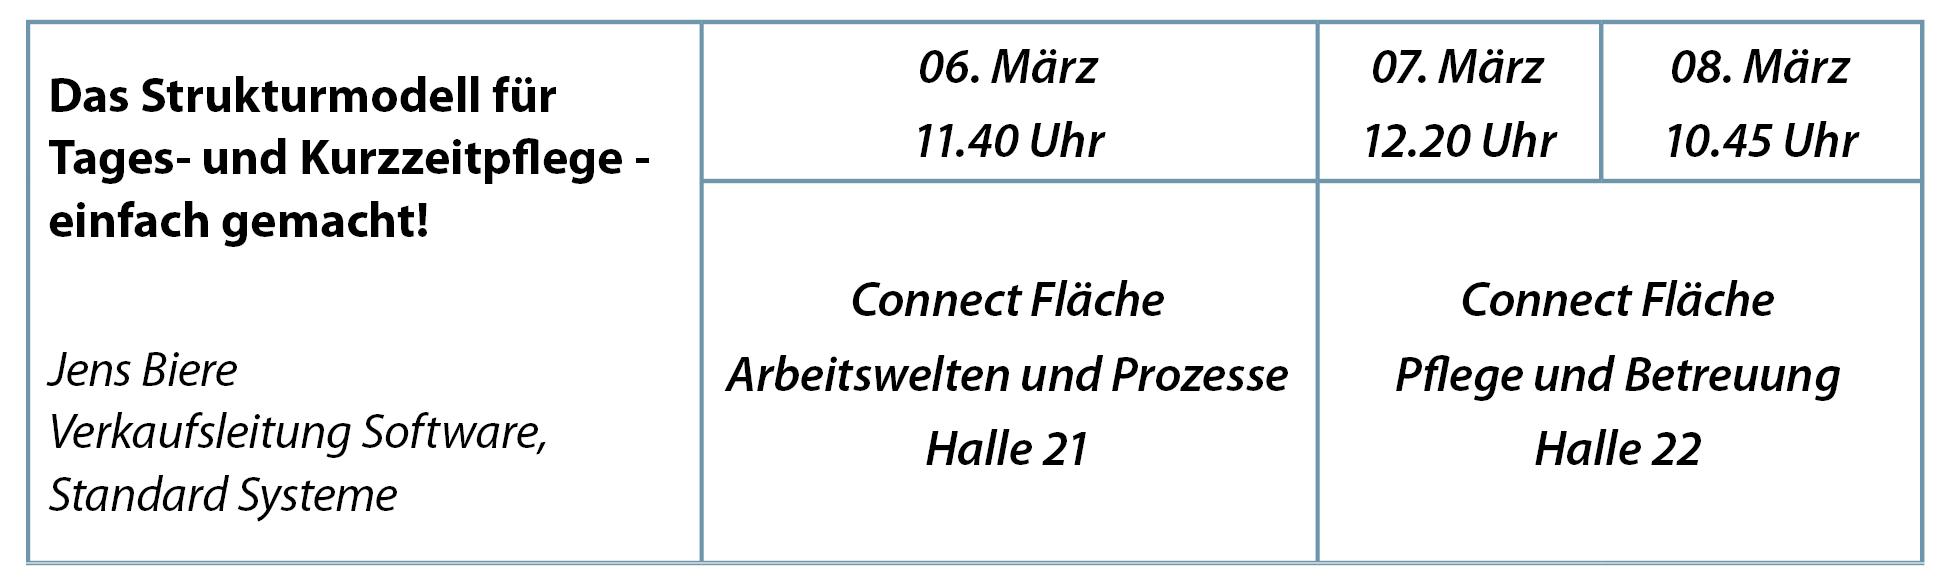 Vorträge Altenpflege 2018